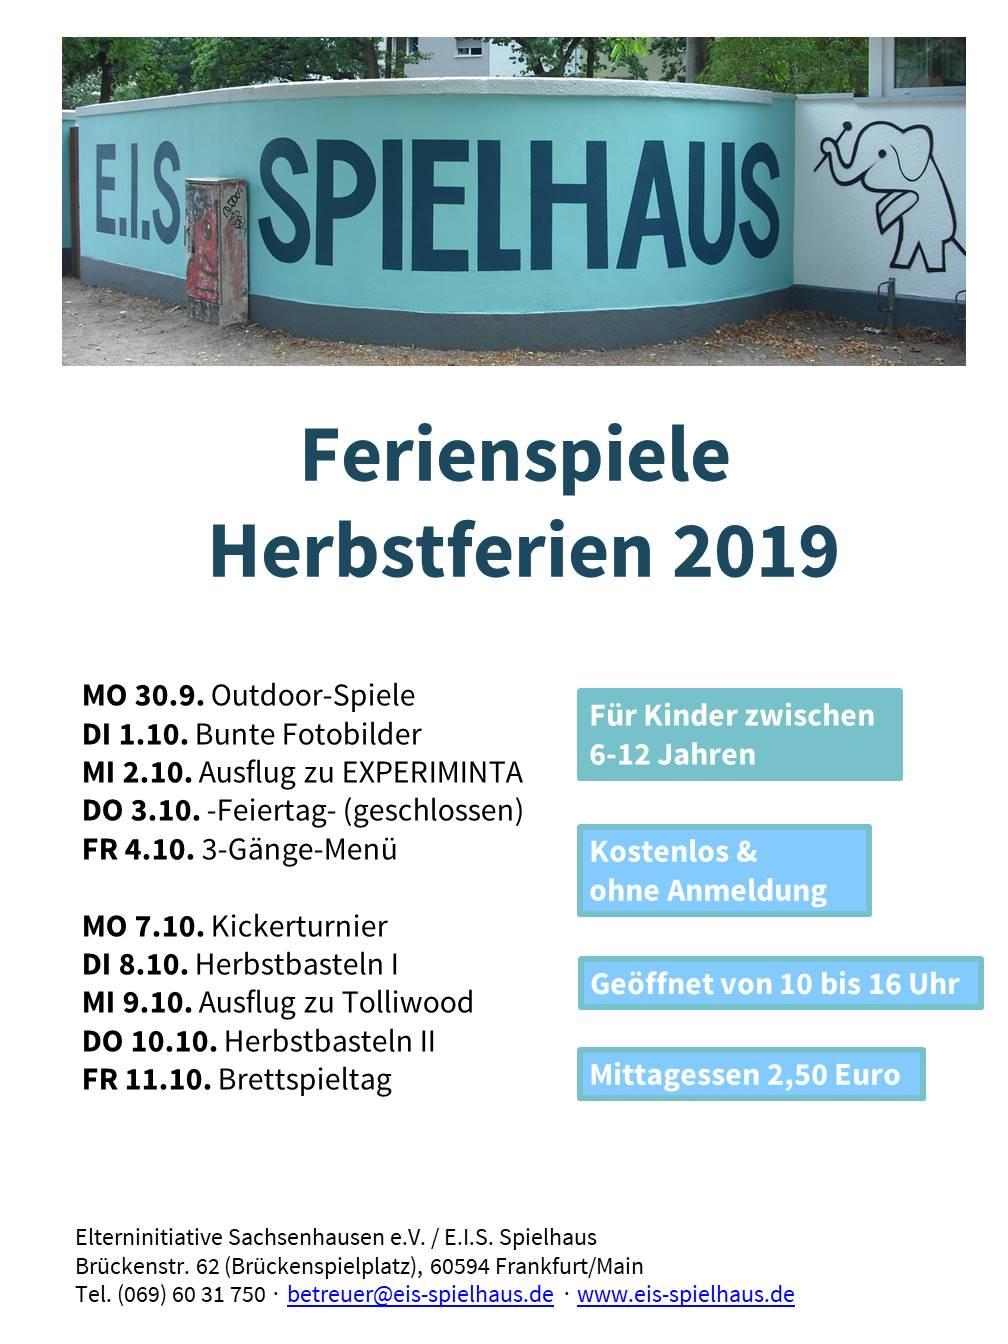 E.I.S. Ferienspiele Herbstferien 2019